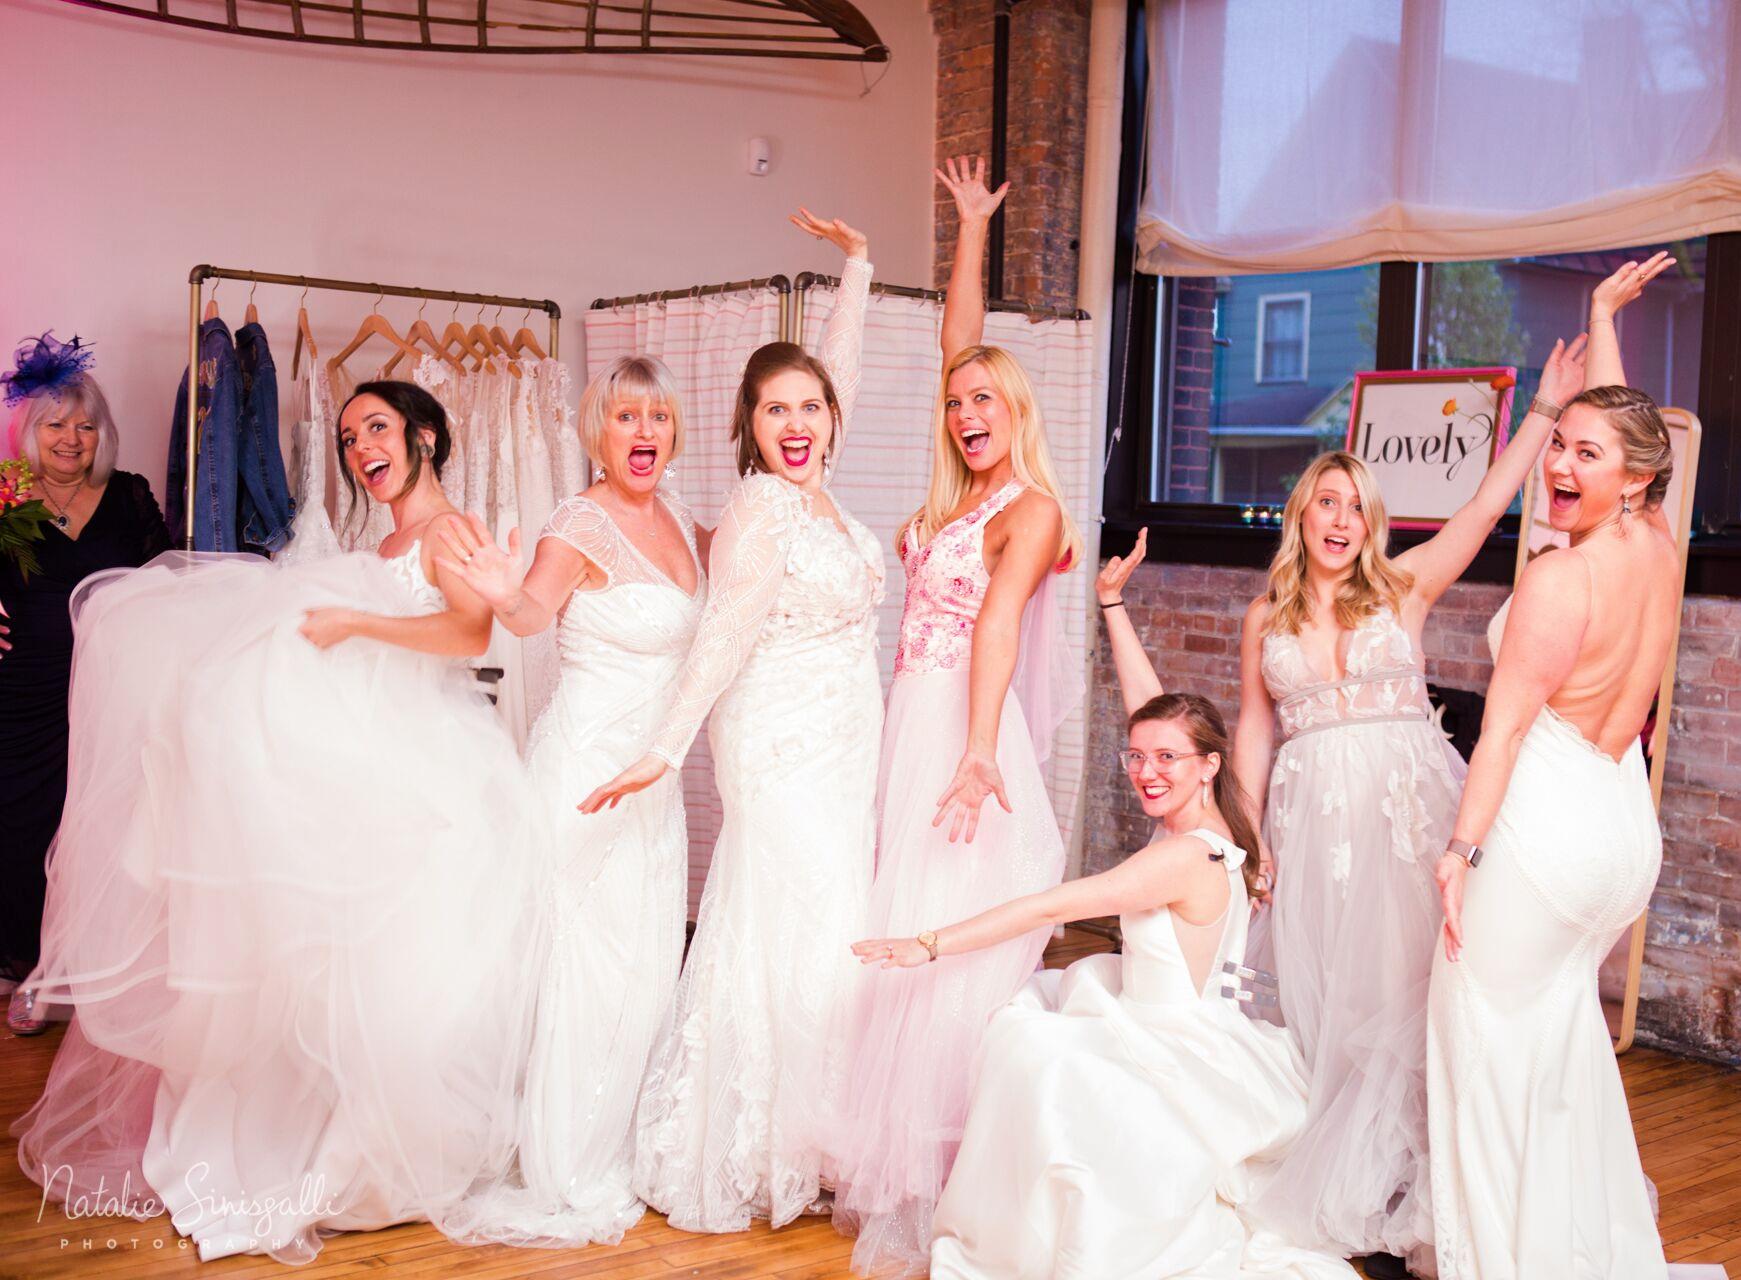 Dressessss.jpg